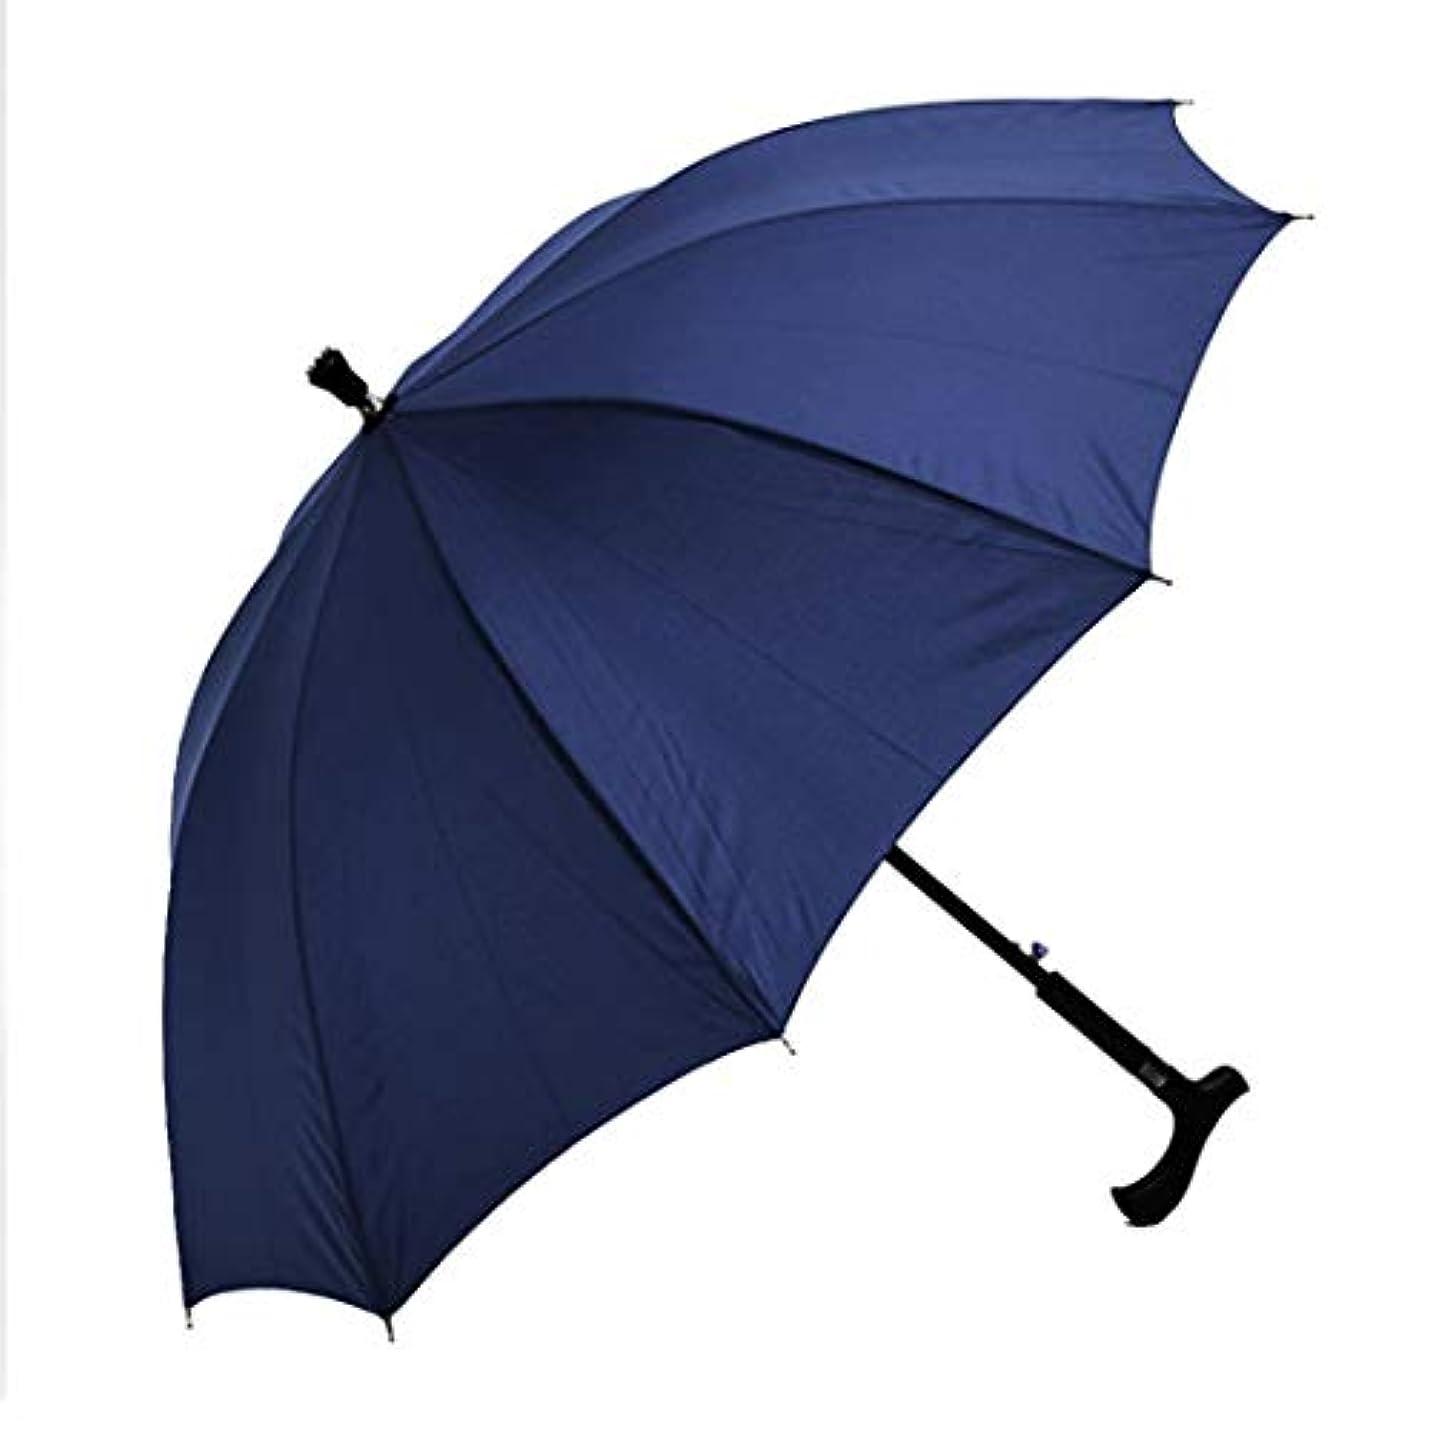 激怒安価な鷹comentrisyz 2-in-1 クライミング ハイキング スティック 松葉杖 防風雨 サン 傘 - ブルー